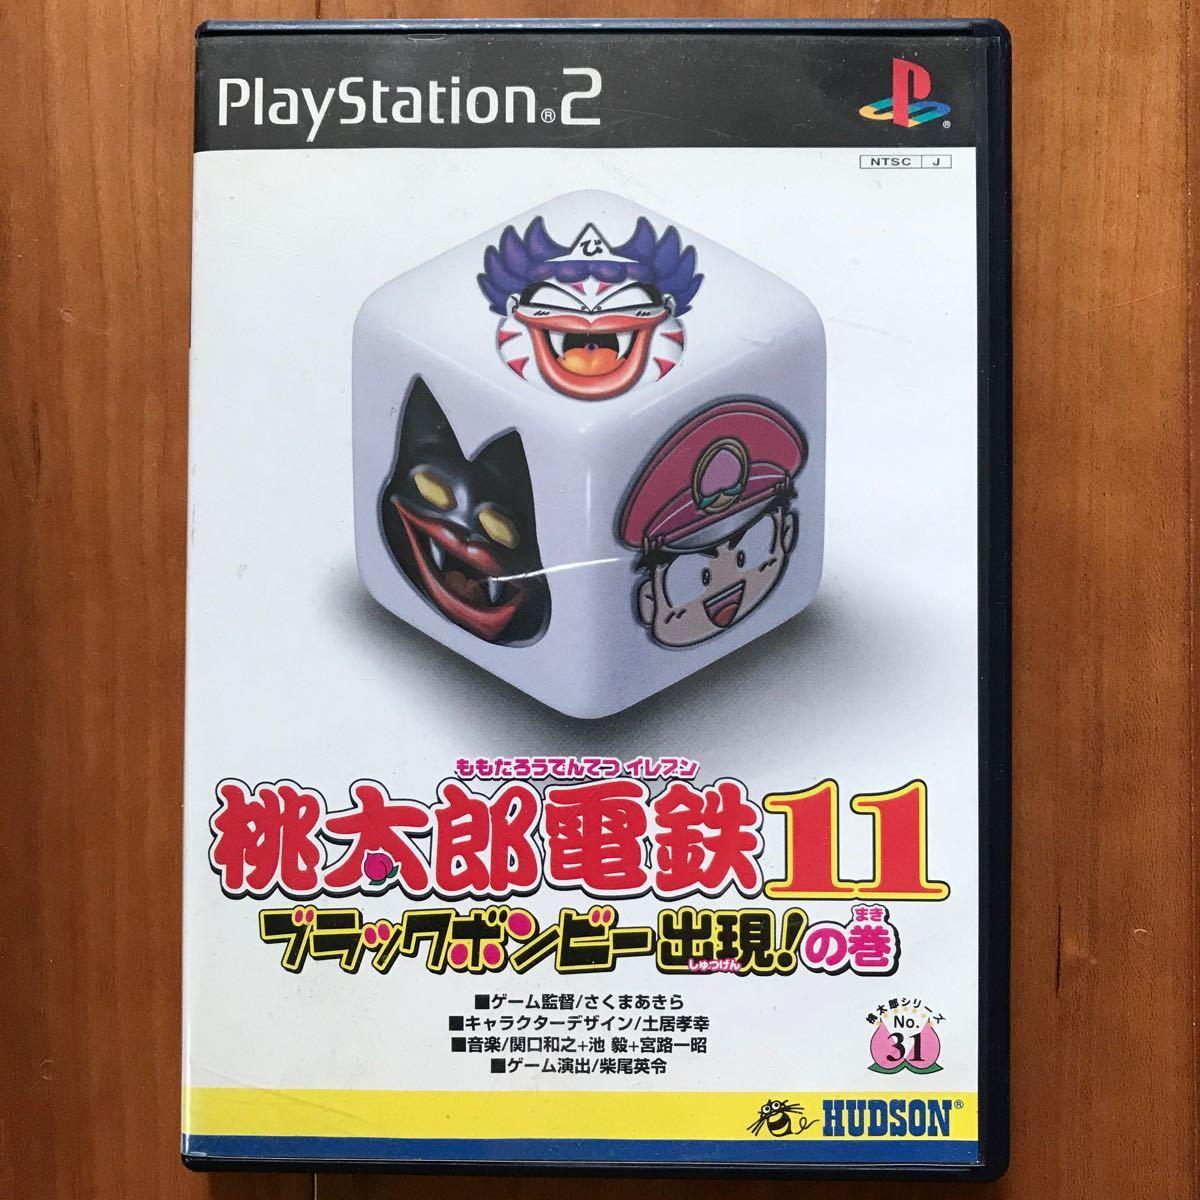 【PS2】桃太郎電鉄11 ブラックボンビー出現!の巻 ハドソン さくまあきら